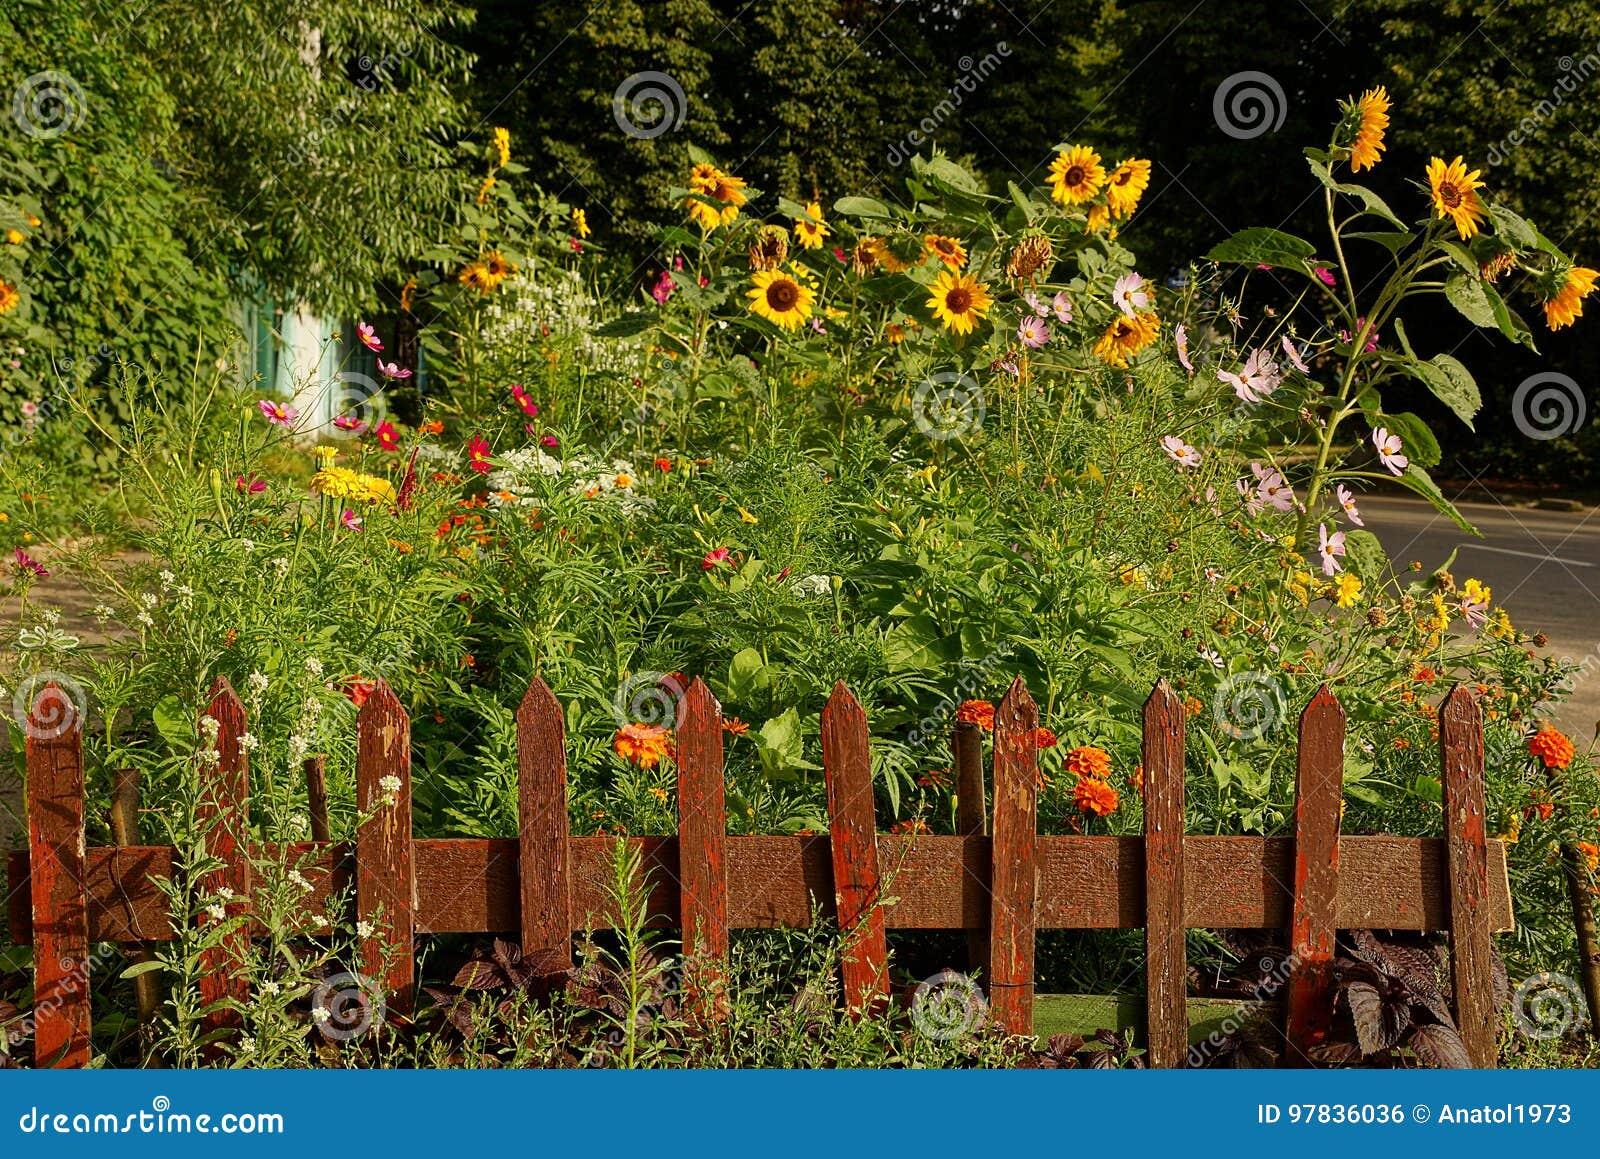 Kleiner Dekorativer Brauner Zaun Vor Einem Blumenbeet Stockfoto